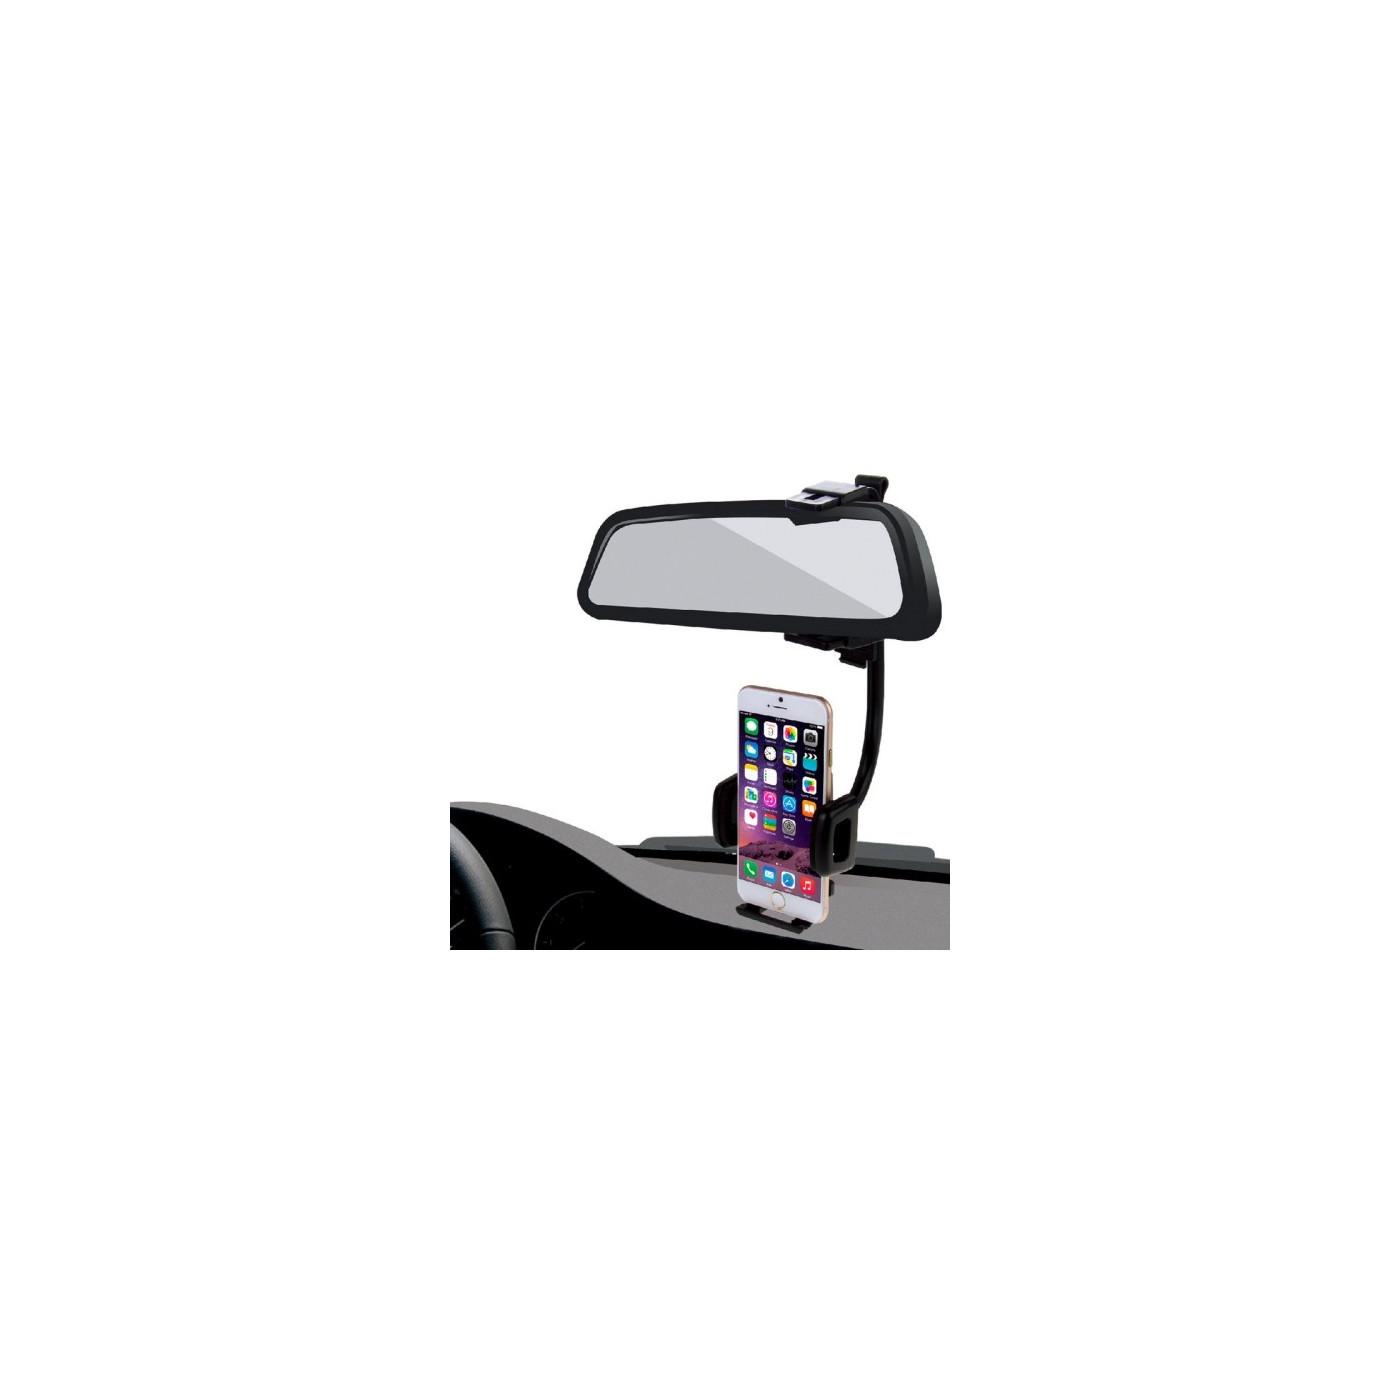 Porta smartphone fino a 5 5 pollici per auto supporto for Supporto auto tablet 7 pollici